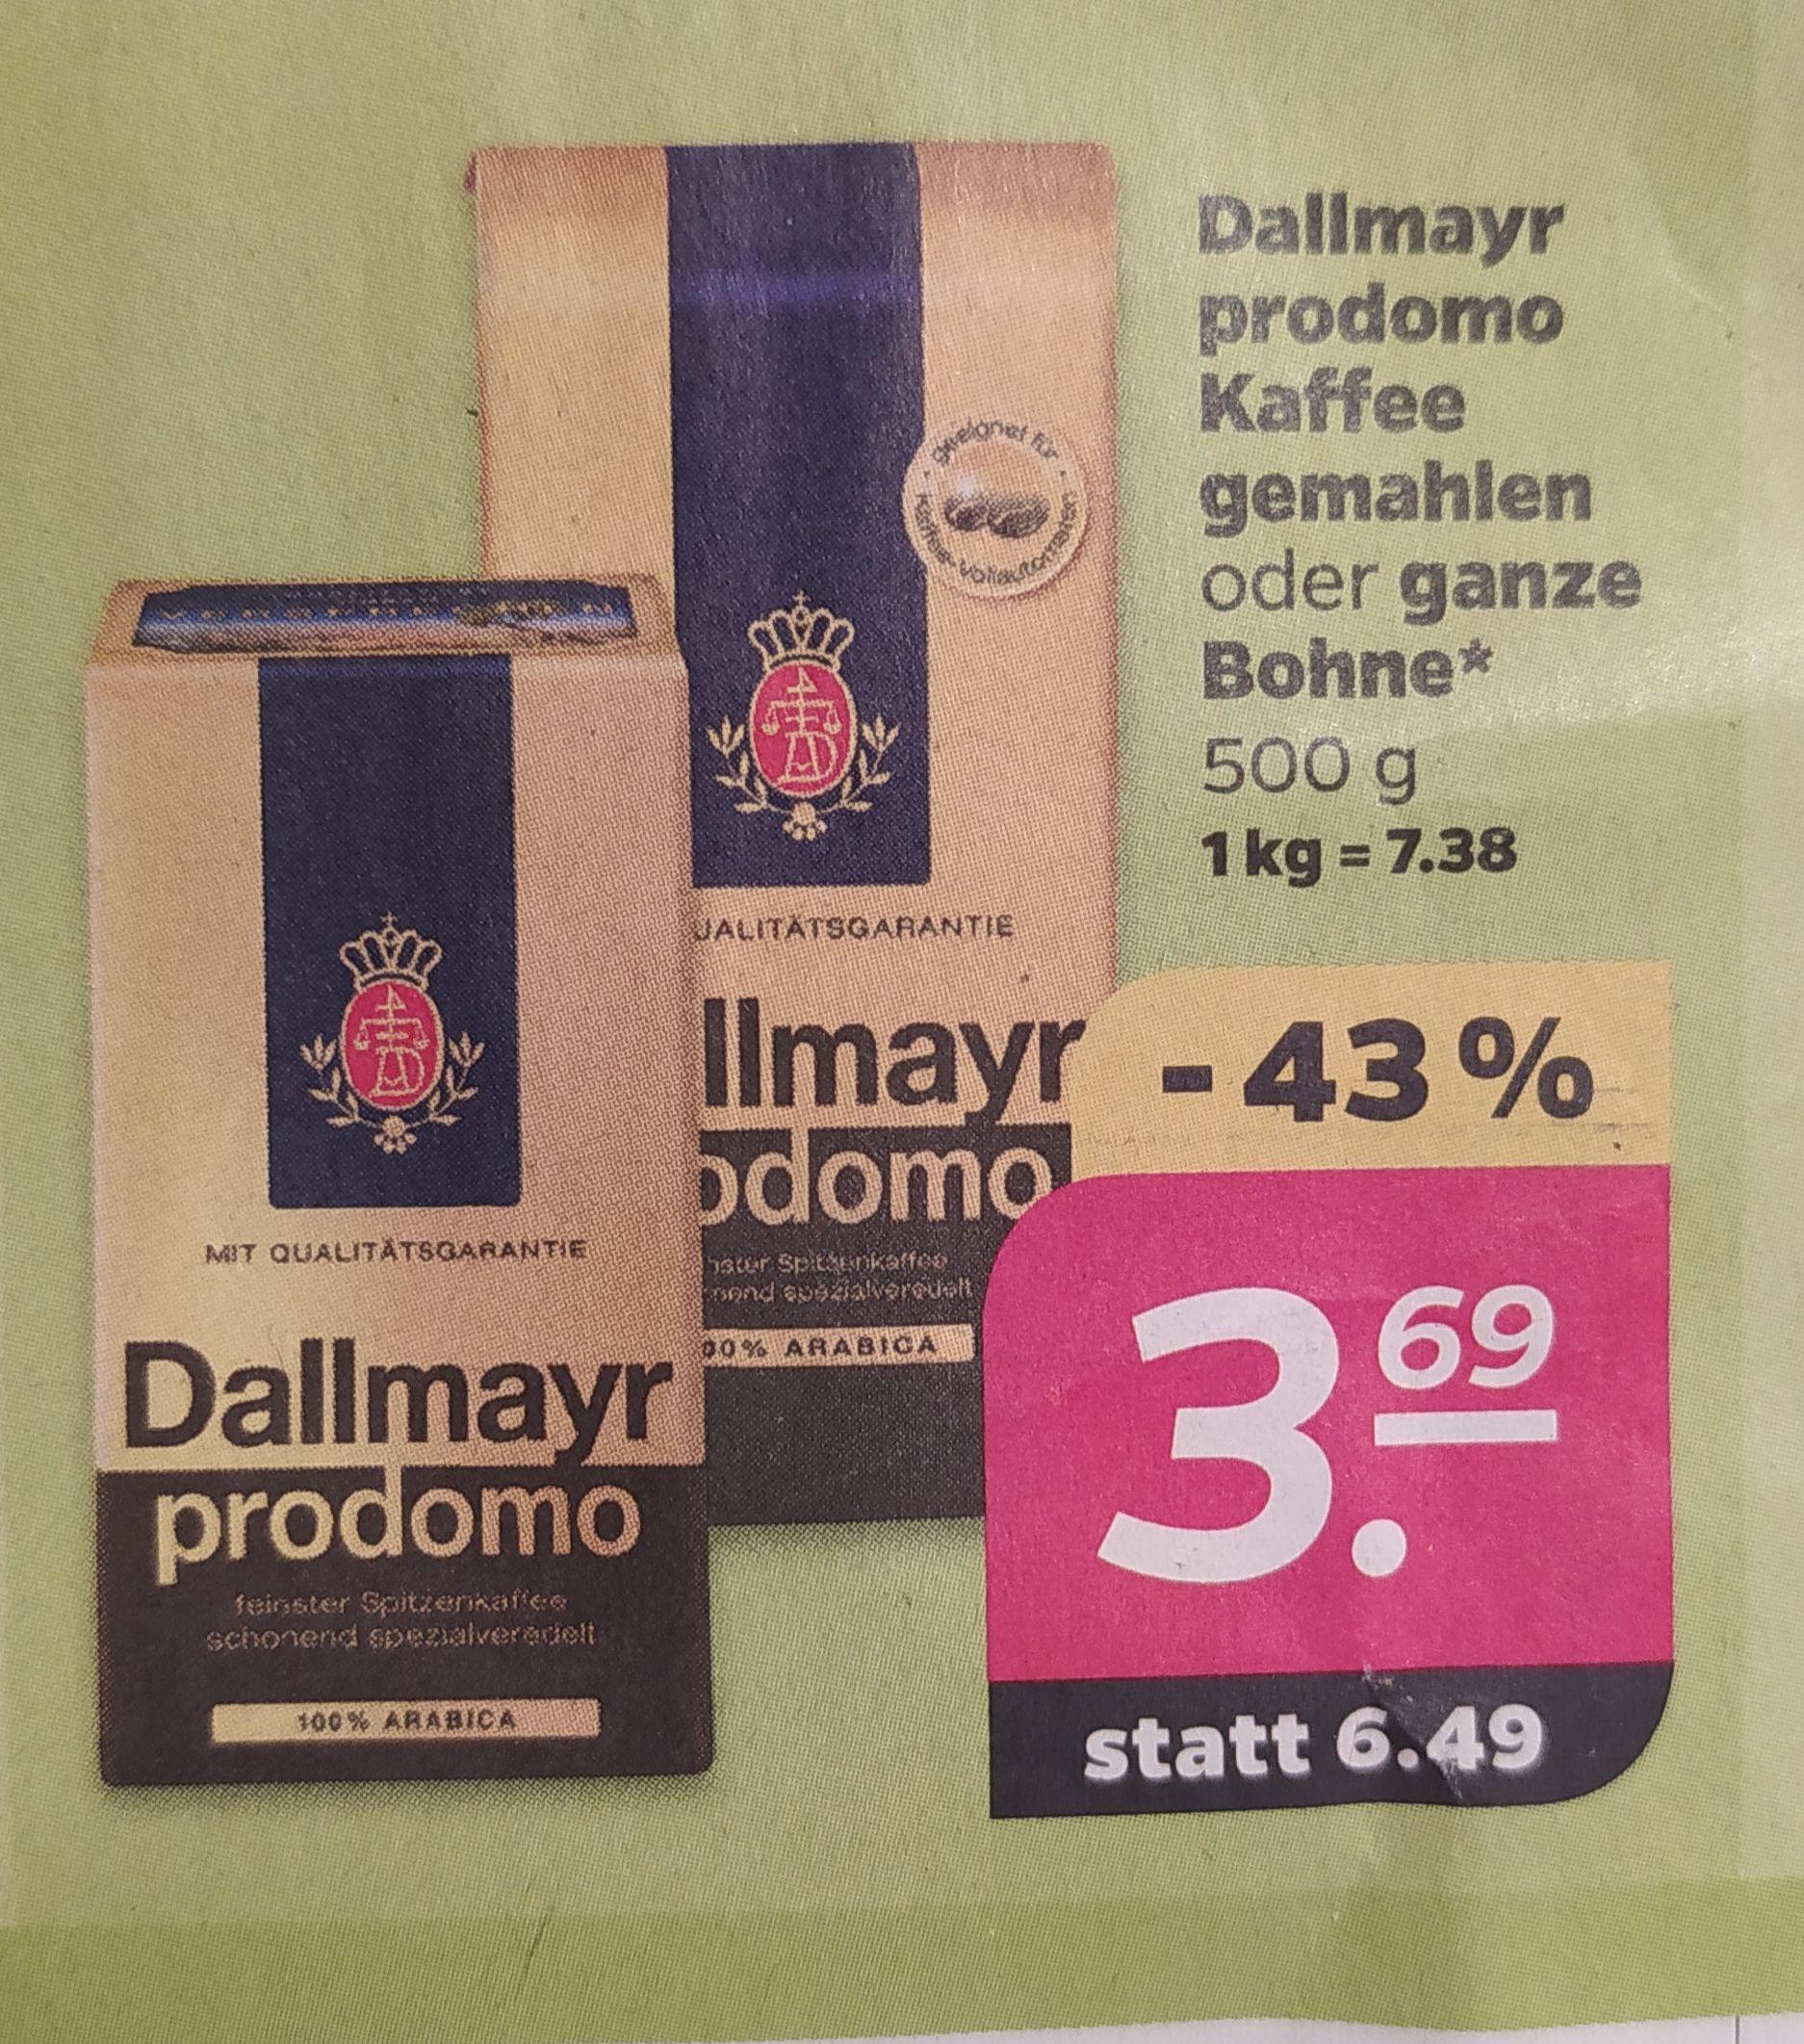 Dallmayr prodomo 500g gemahlen oder ganze Bohne für 3,69€ statt 6,49€